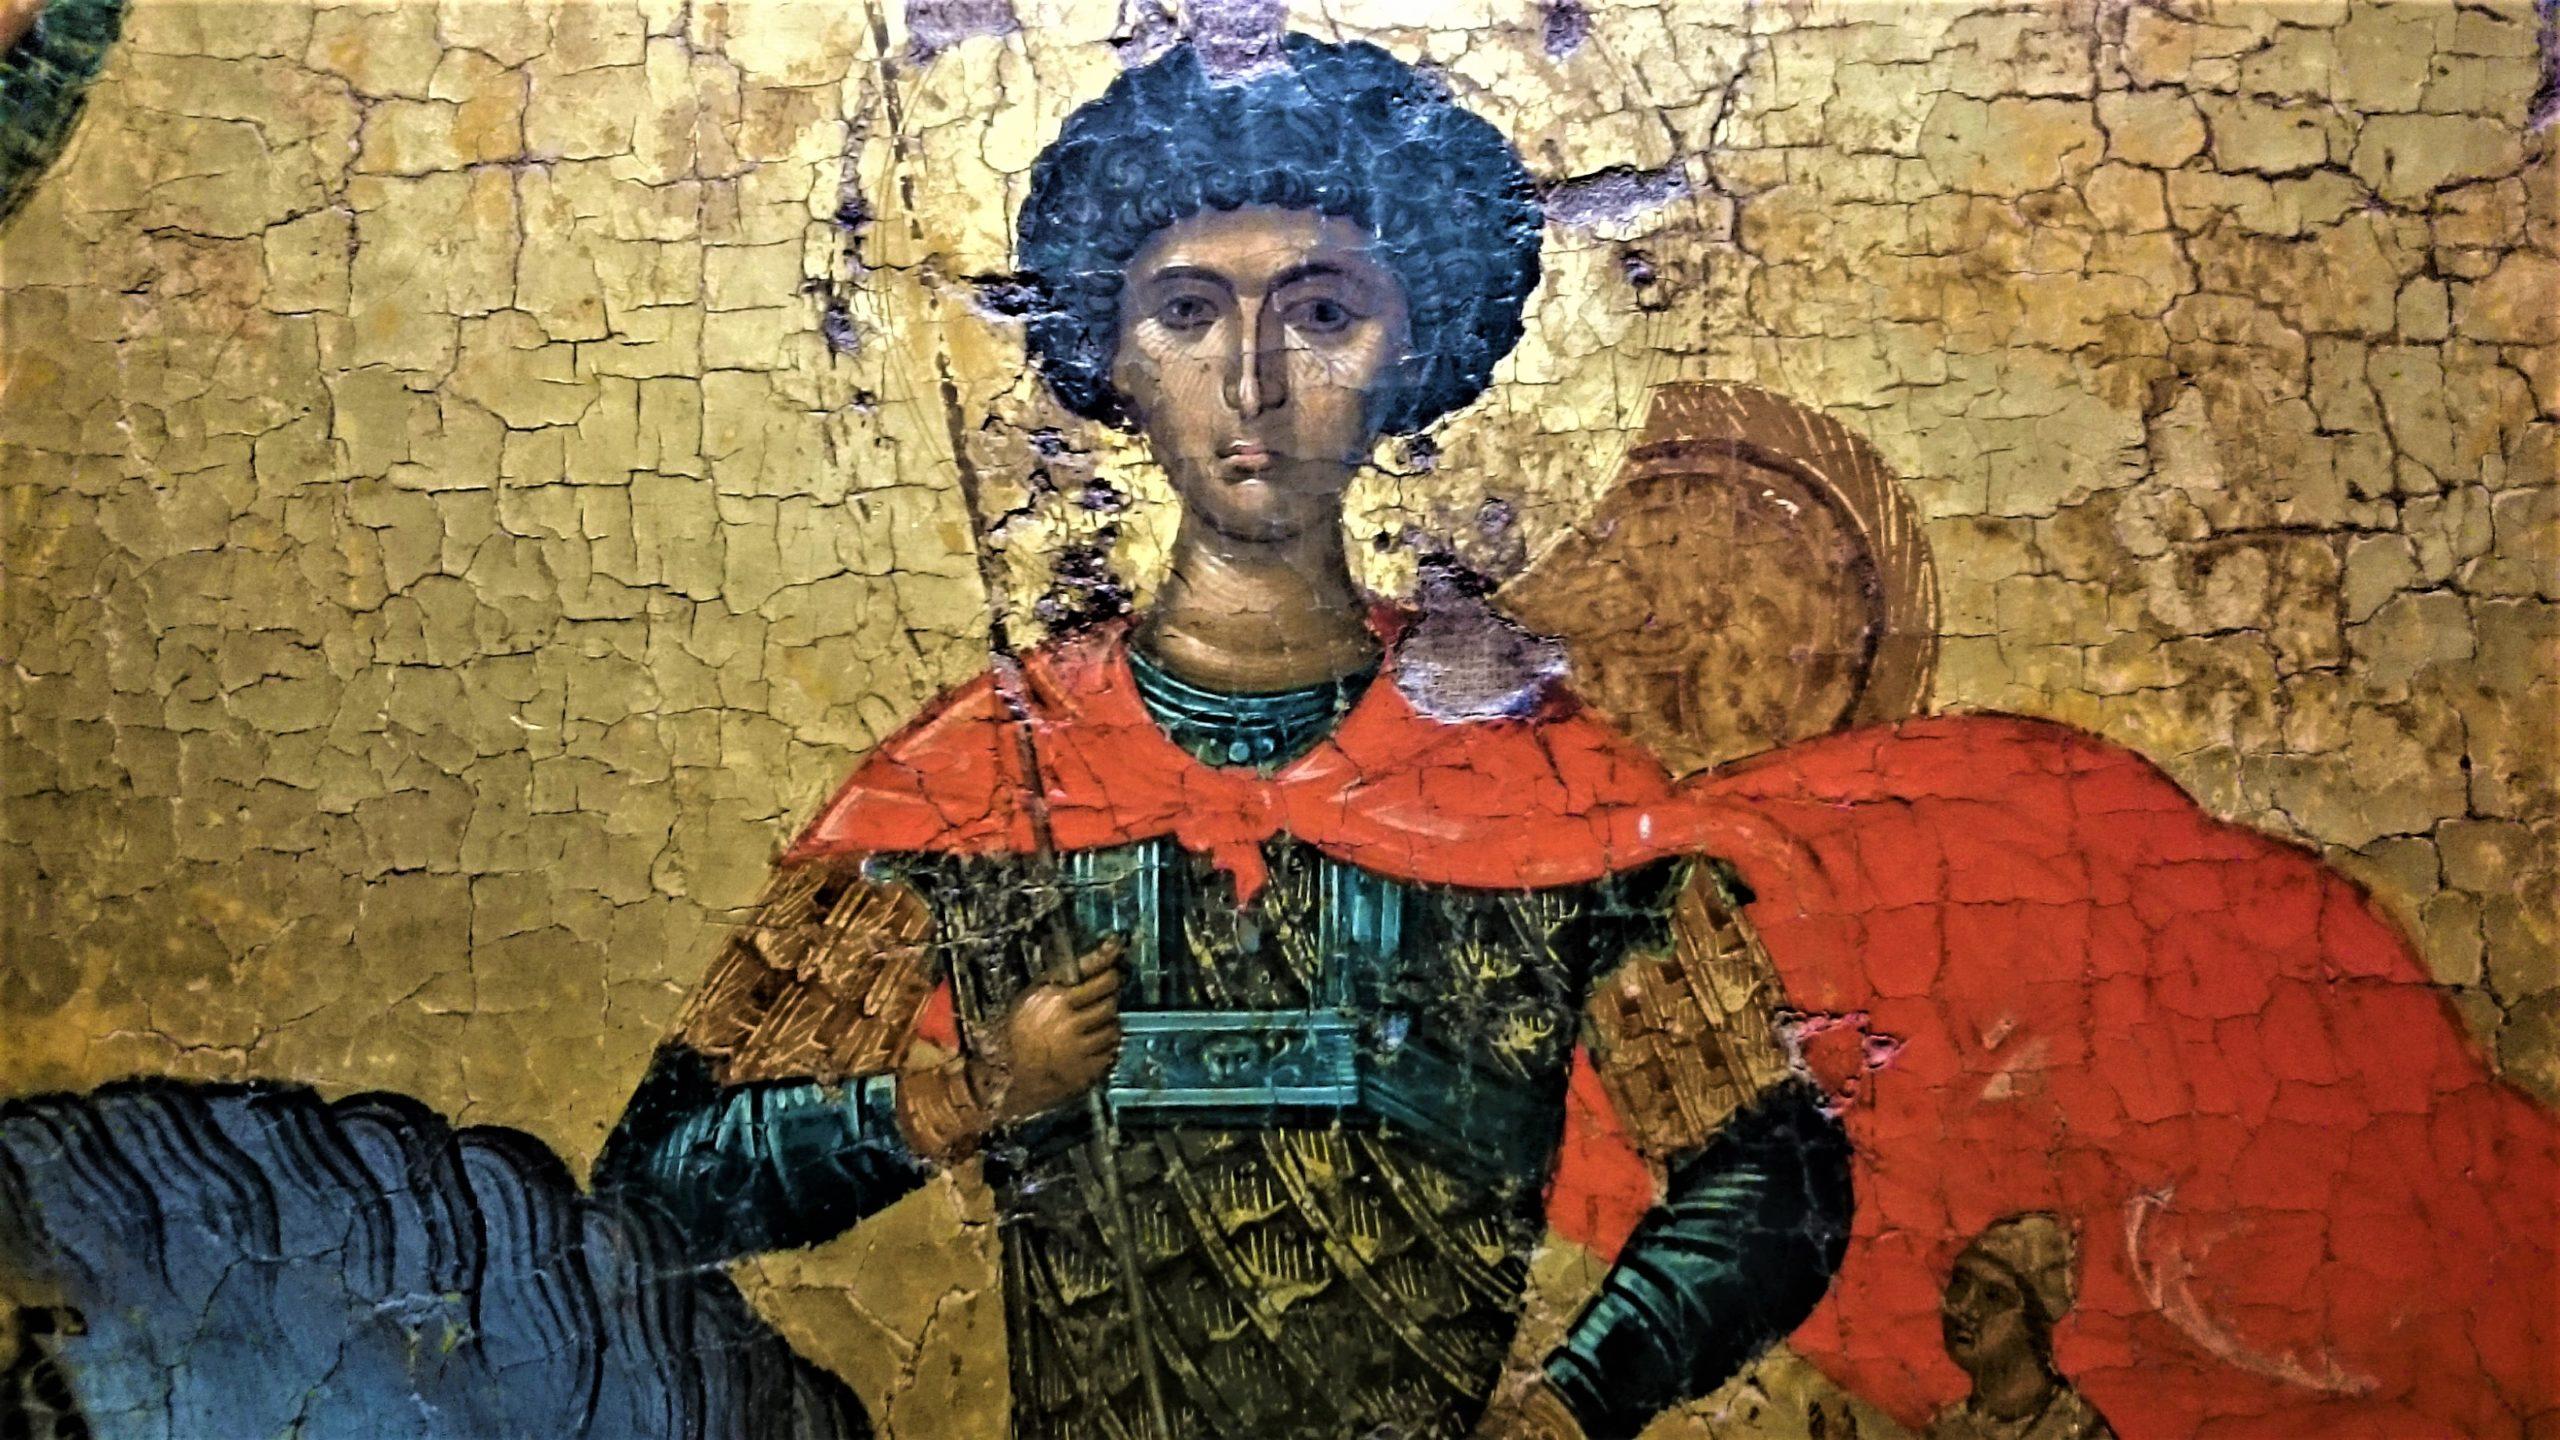 Πύργος Καλλίστης, Σαντορίνη, Κυκλάδες, Αιγαίο πέλαγος, εκκλησιαστικό μουσείο, βυζαντινή τέχνη